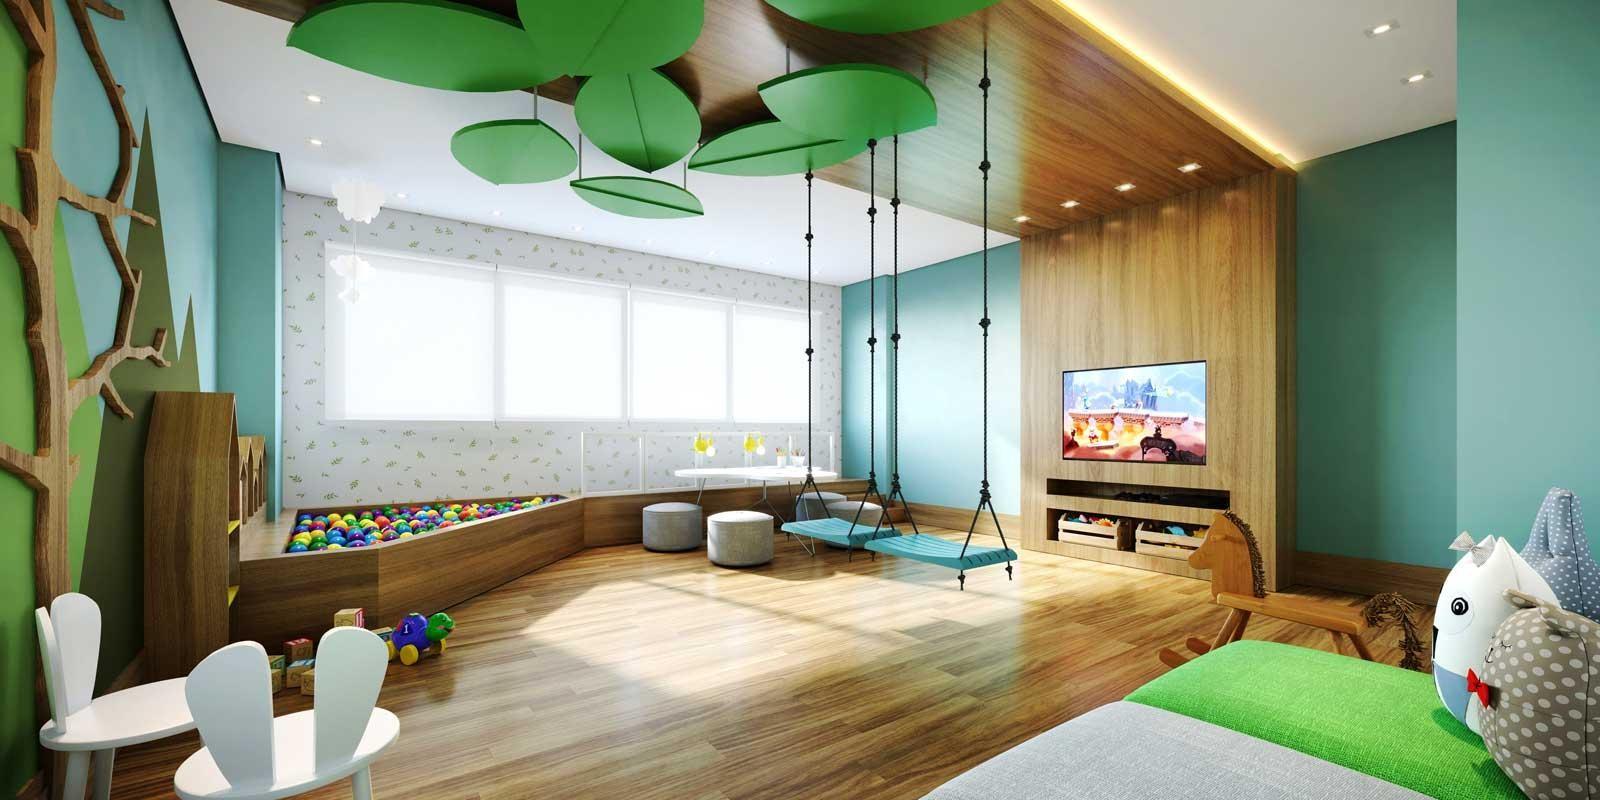 TPS Imóveis - Veja Foto 9 de 32 do Apartamentos de 2 e 3 dormitórios com suíte